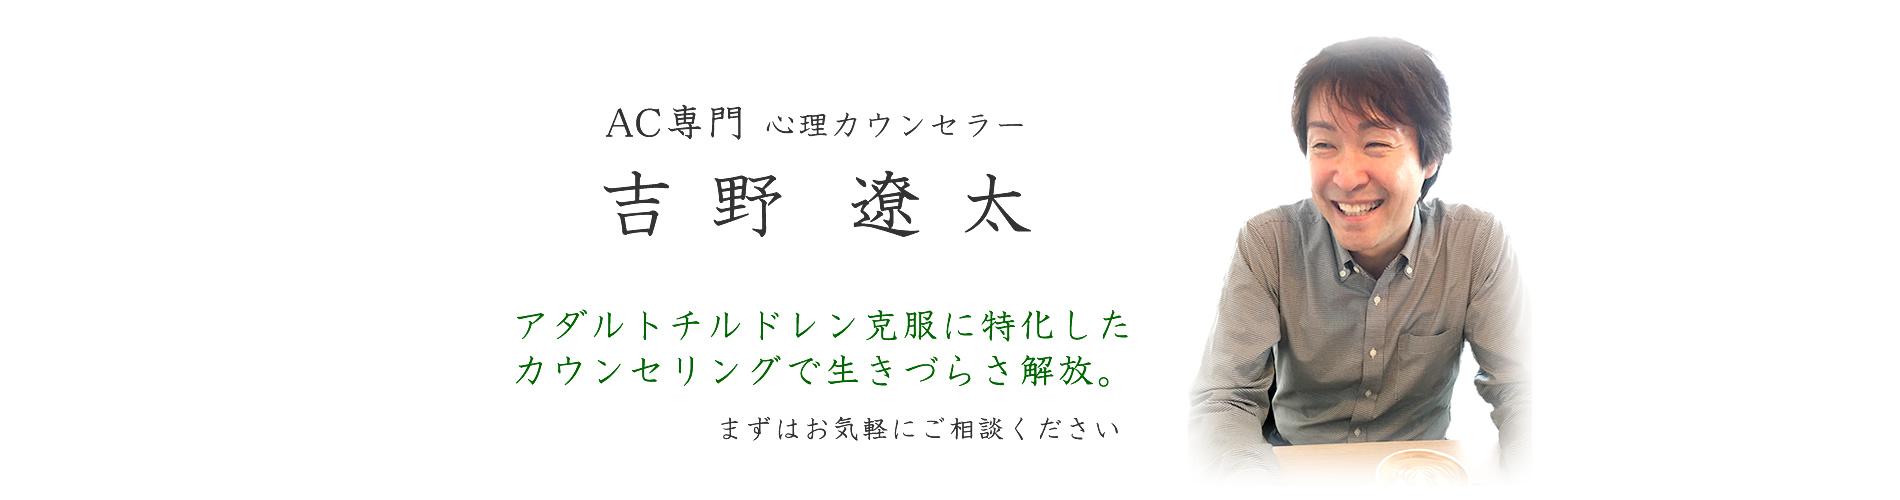 アダルトチルドレン専門カウンセリング(京都)「心理カウンセラー吉野遼太」